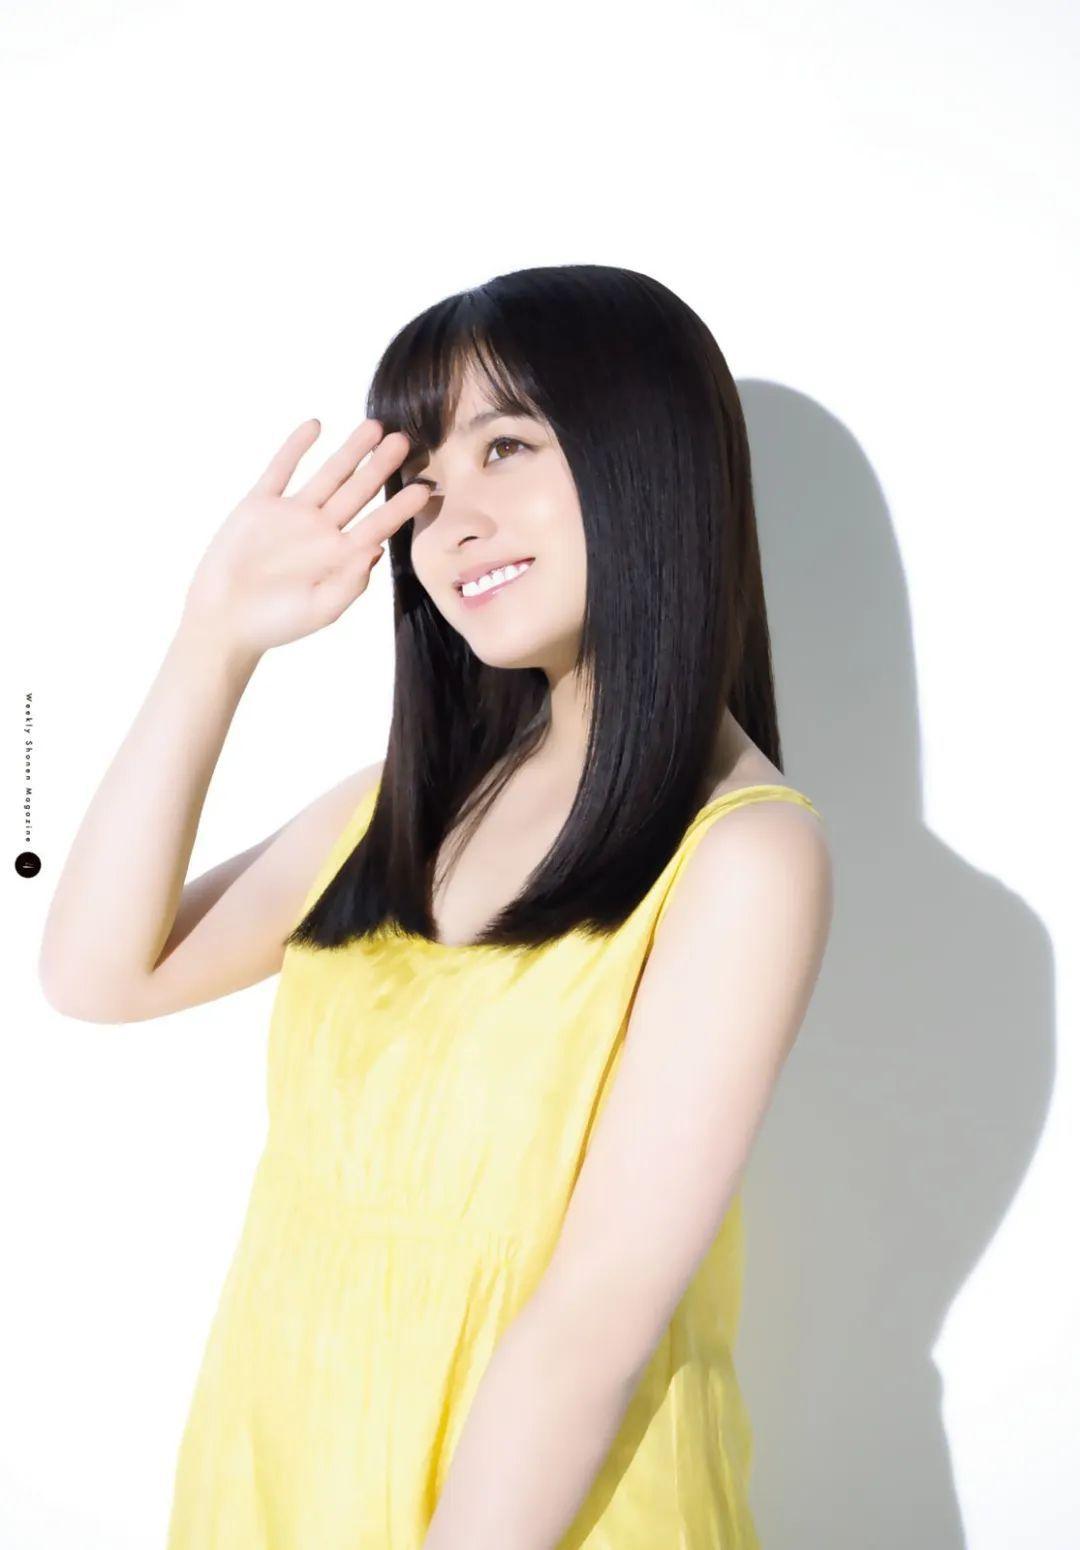 桥本环奈《周刊少年Jump》,气质美少女!_图片 No.5